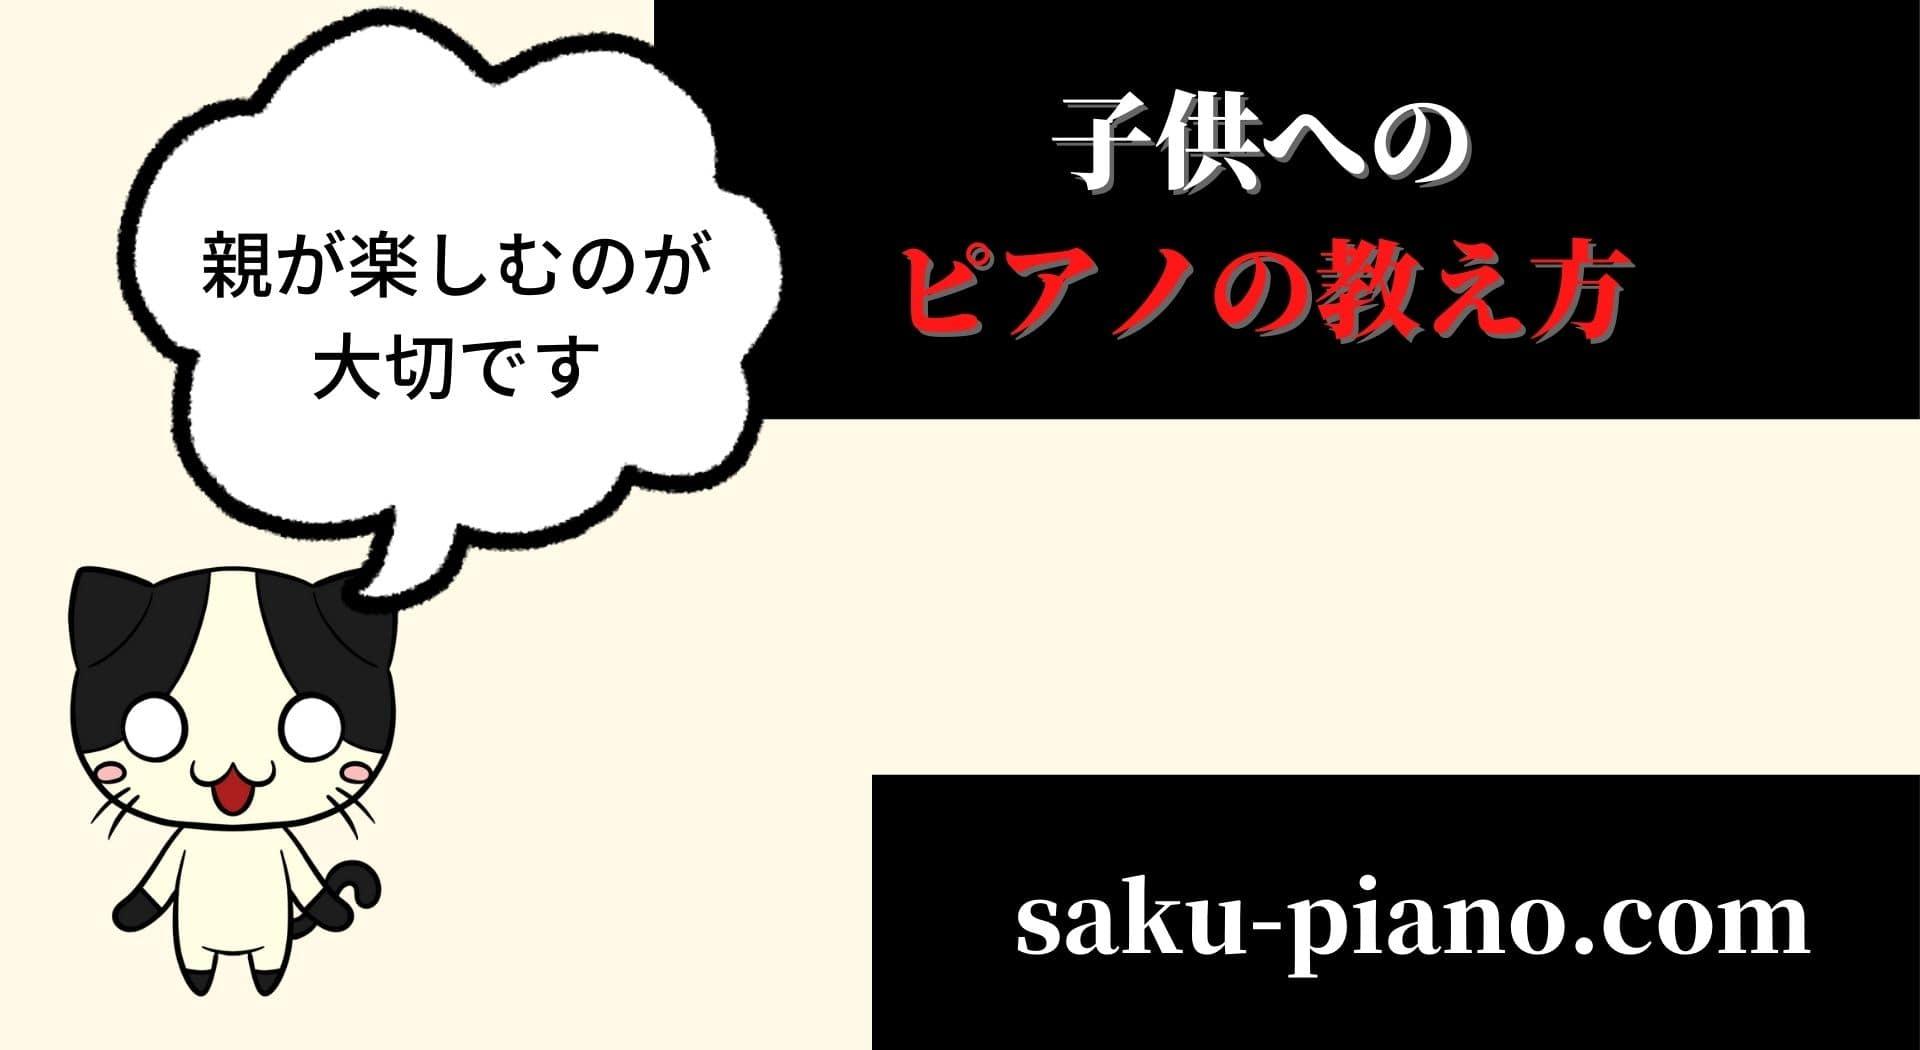 「【効果あり】子供へのピアノの教え方とは!?【実証された】」のアイキャッチ画像